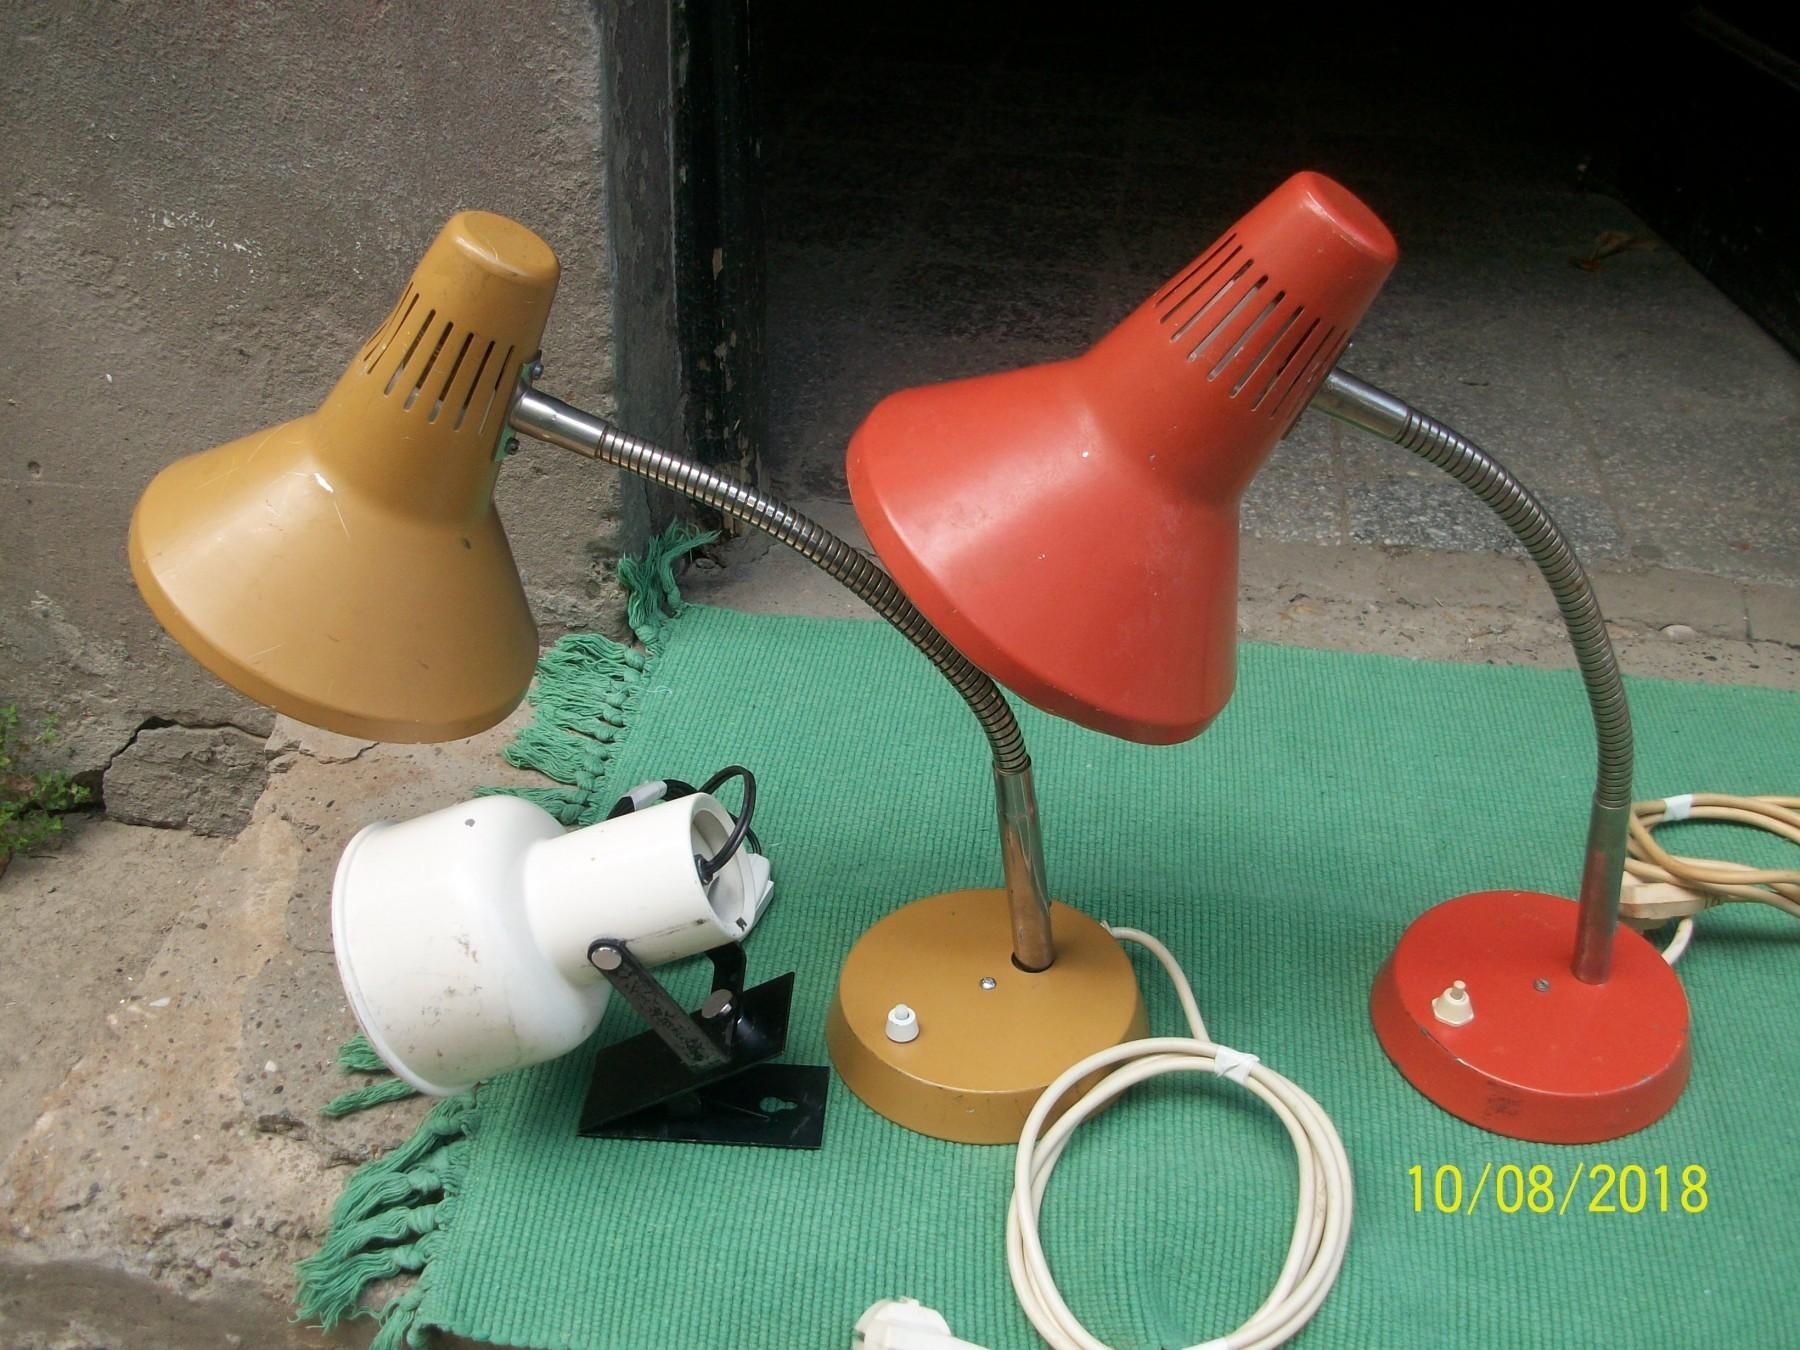 Stare Lampe - Kupindo.com (51183949)